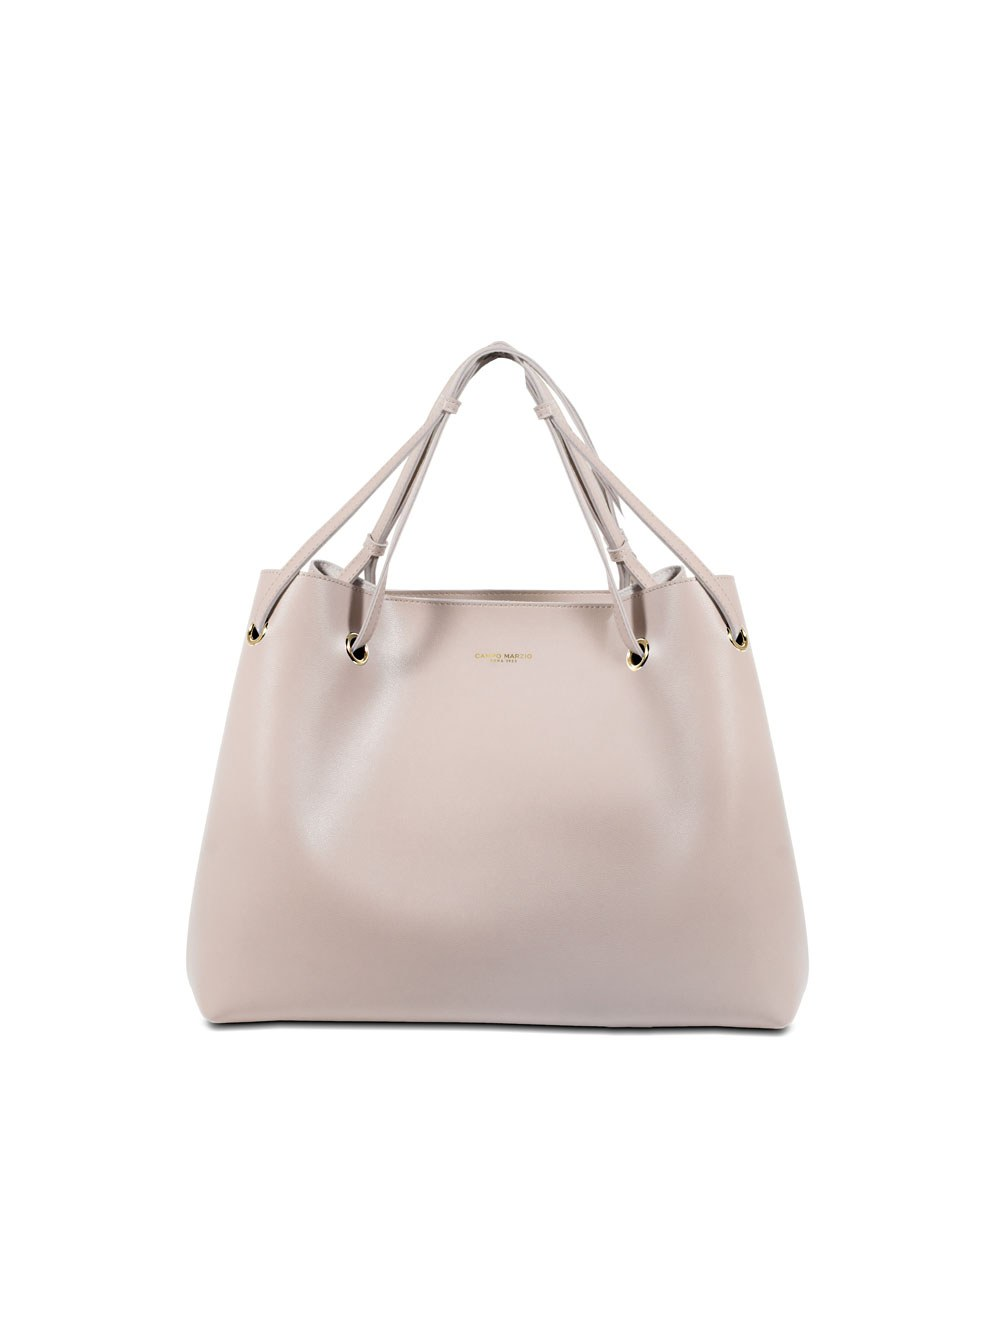 Shoulder Bag With Inner Bag - Cream